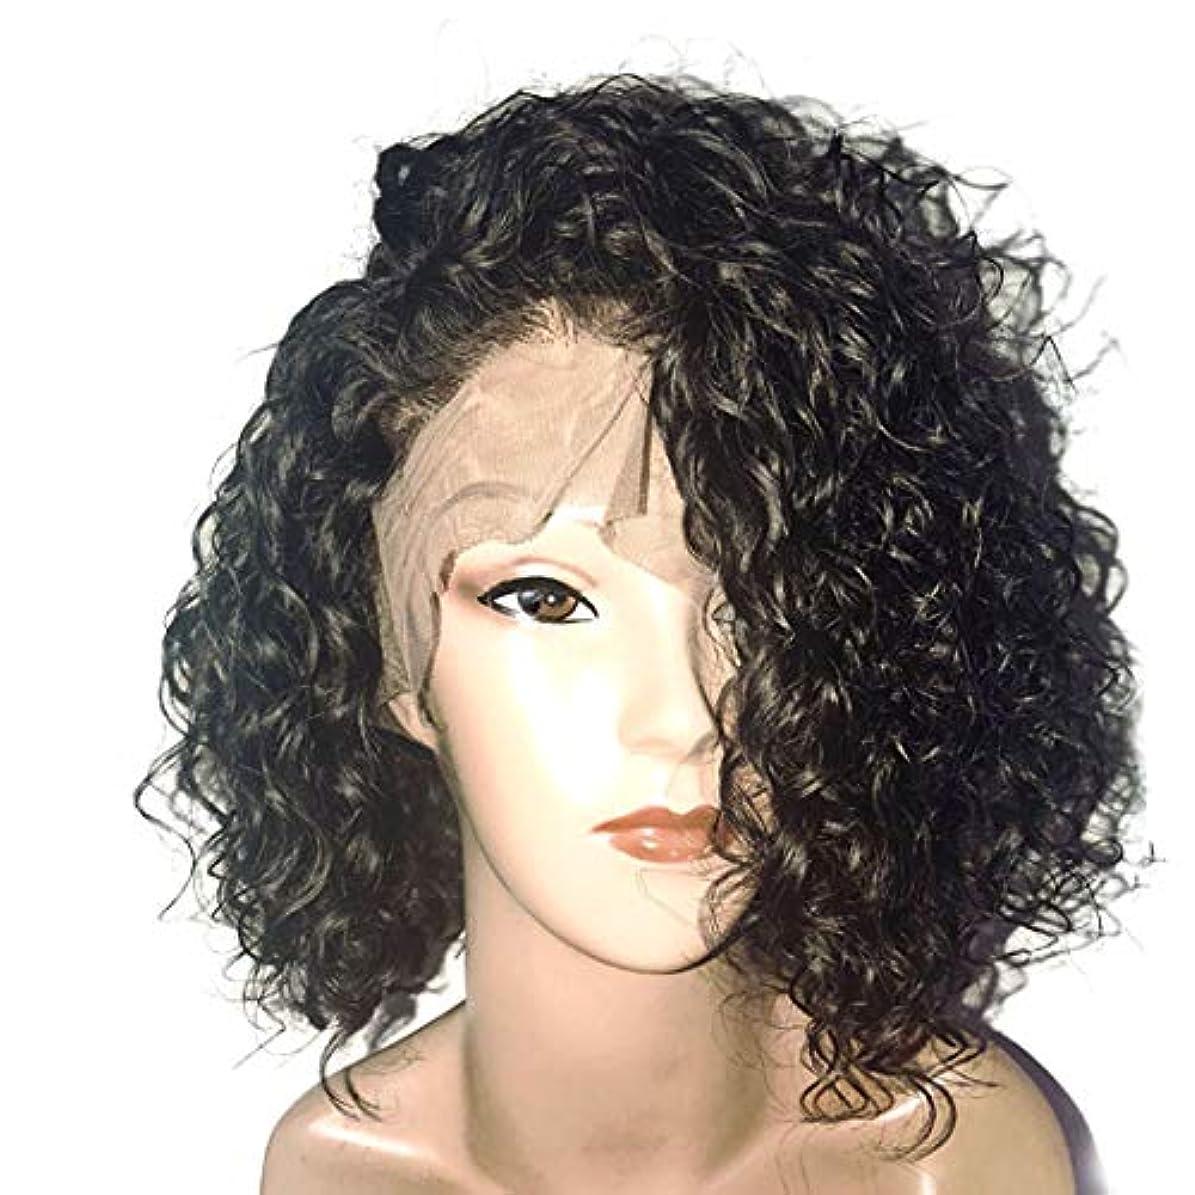 タップ臭いゴムYOUQIU 1黒ショートヘアウィッグ、レディースセクシーカーリーヘアフロントレースケミカルショートカーリーヘアウィッグウィッグ (色 : 黒)